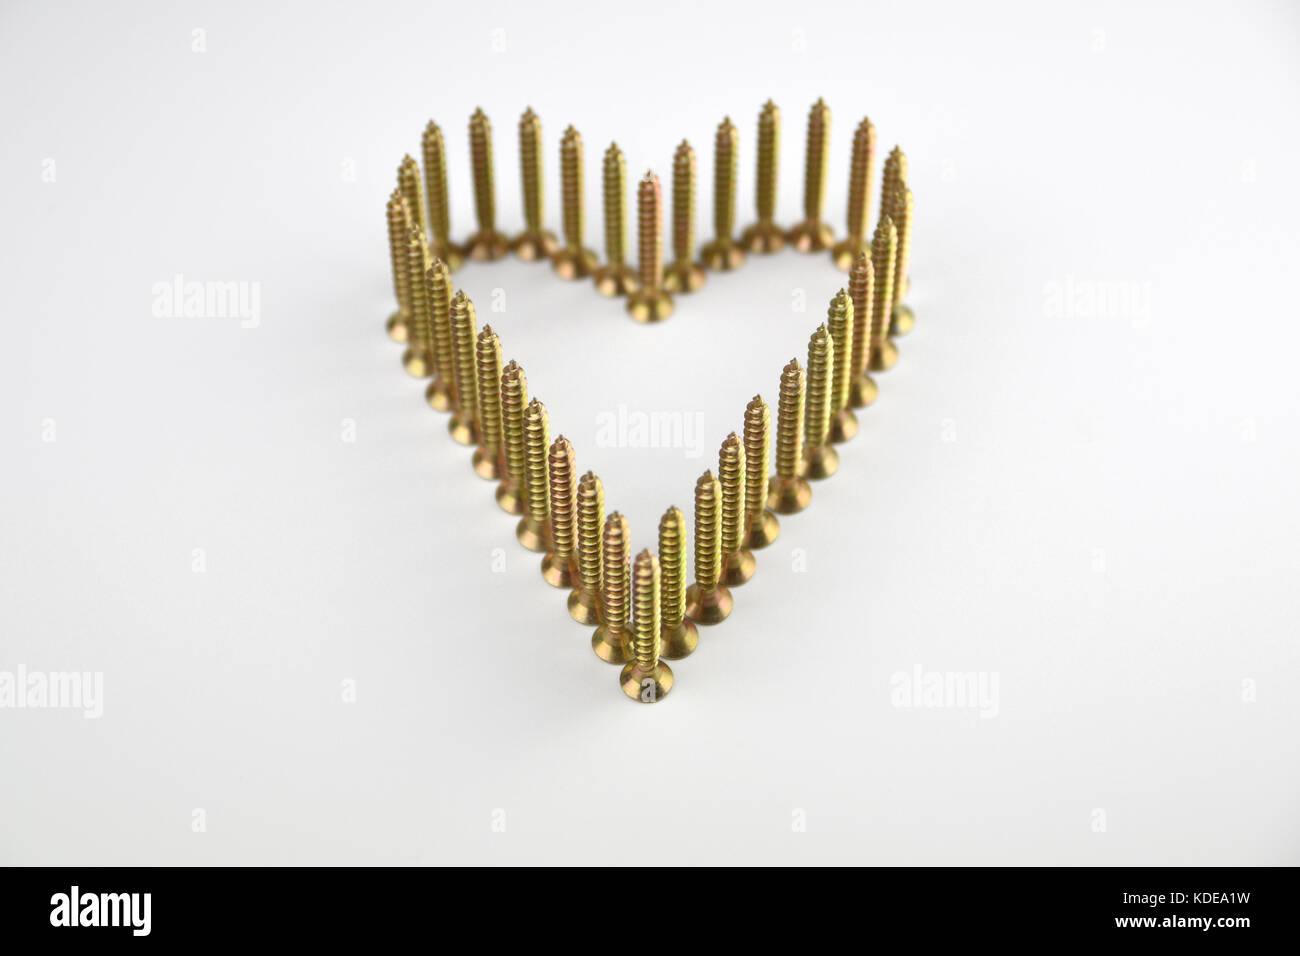 Amore cuore realizzato da permanente viti di ottone su sfondo bianco Immagini Stock